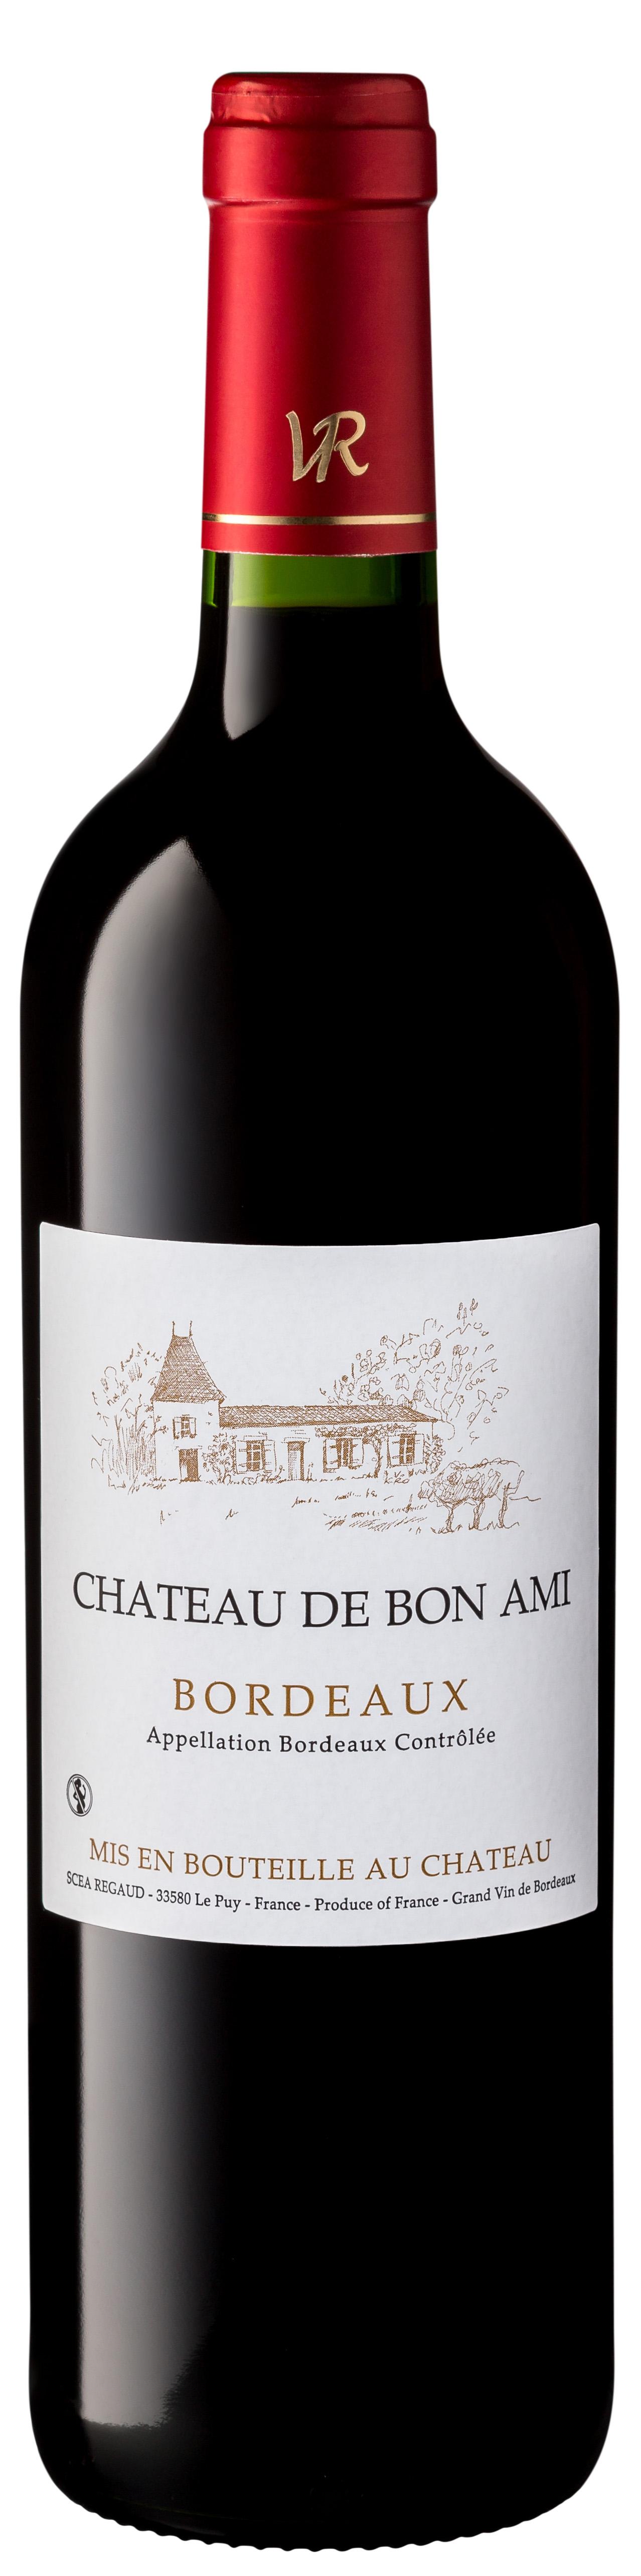 Chateau de Bon Ami, Bordeaux A.C, C.B.